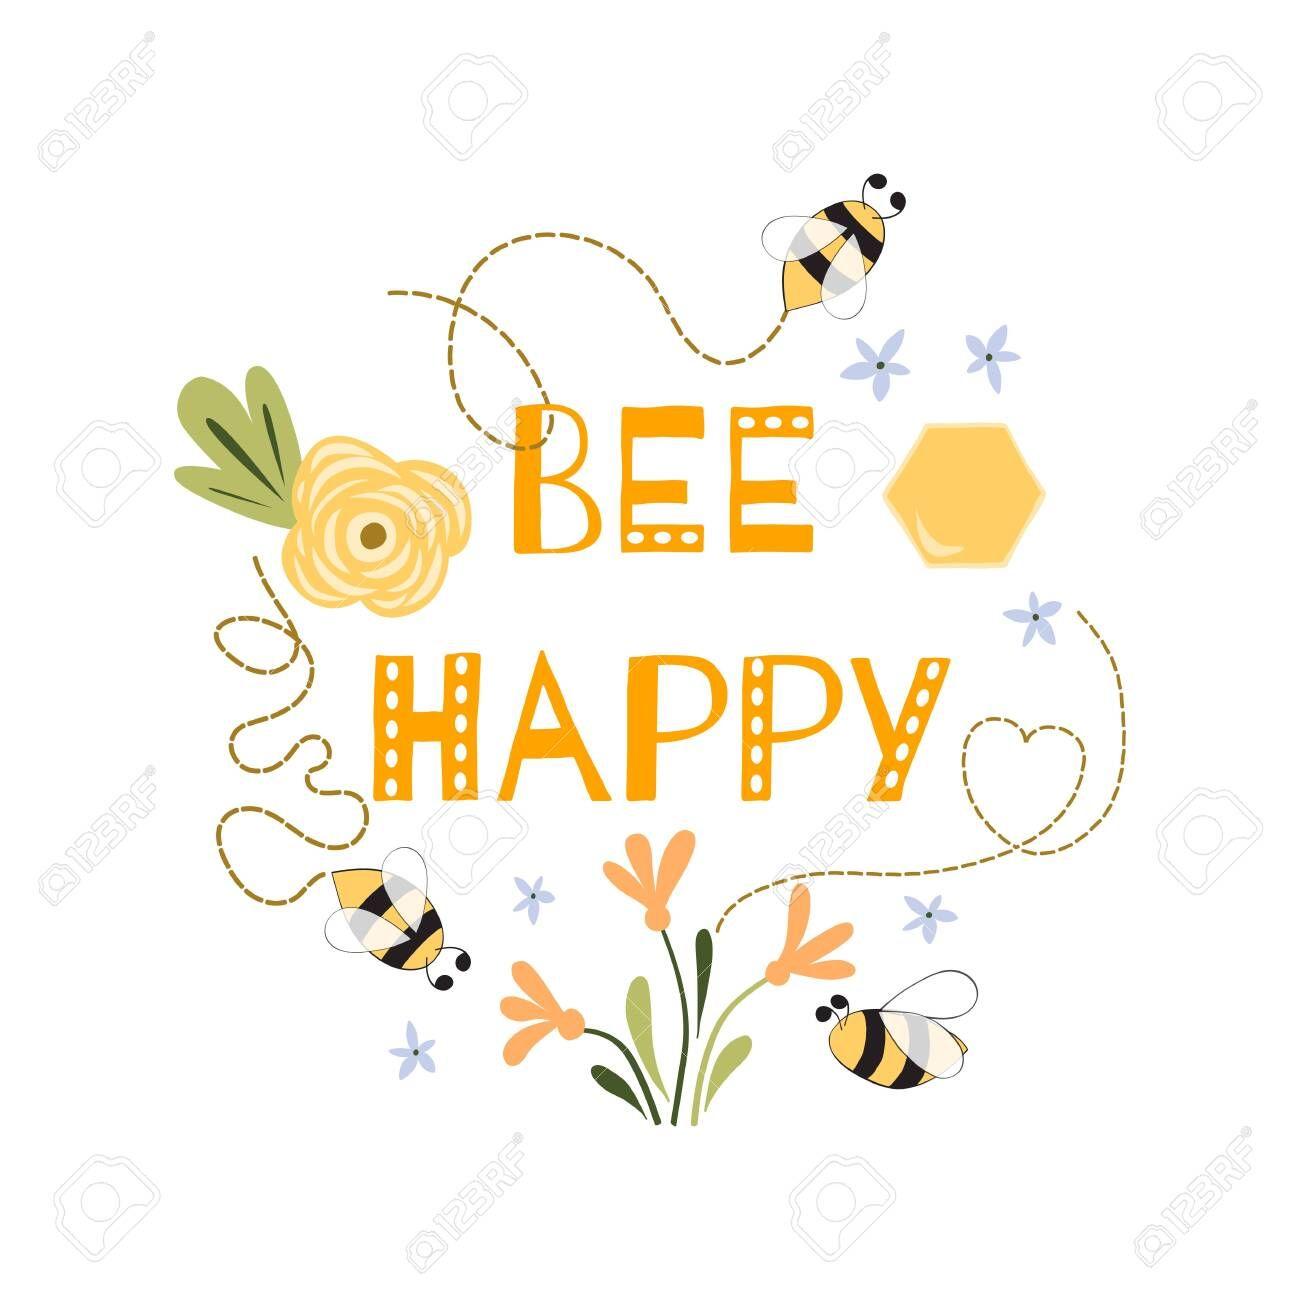 Happy Quote Happy Quotes Funny Bee Happy Quotes Happy Quotes